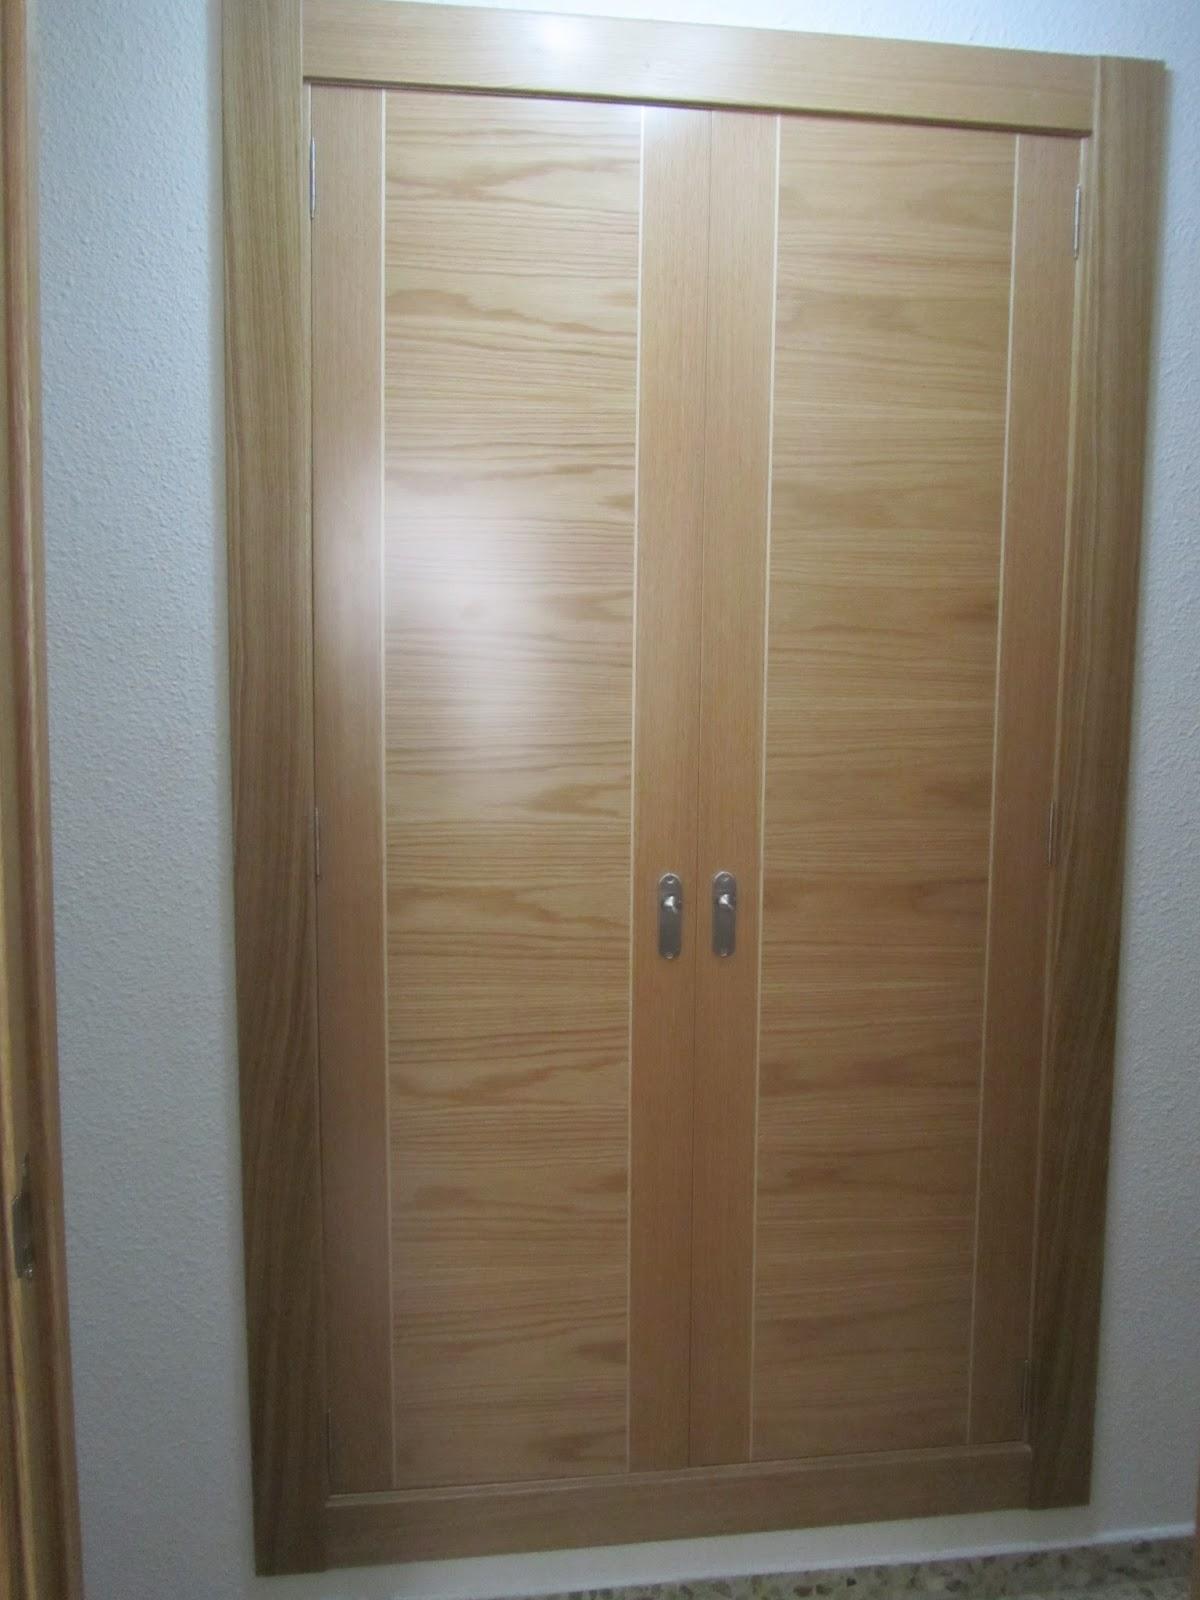 Puertas lozano reforma vivienda puertas de interior - Armarios empotrados en zaragoza ...